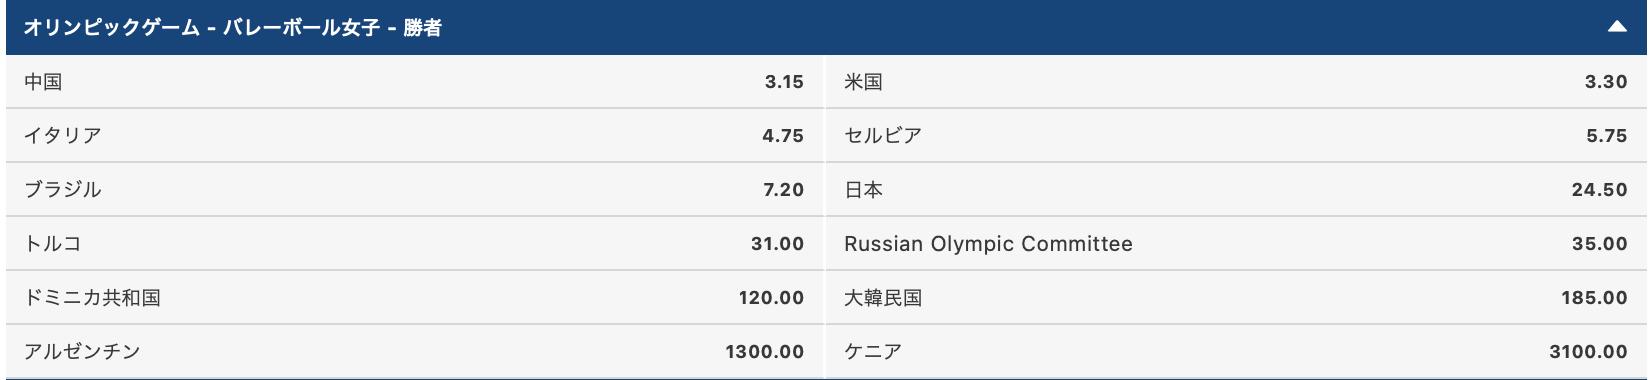 2020東京オリンピック女子バレーボール優勝・金メダル予想オッズ評価